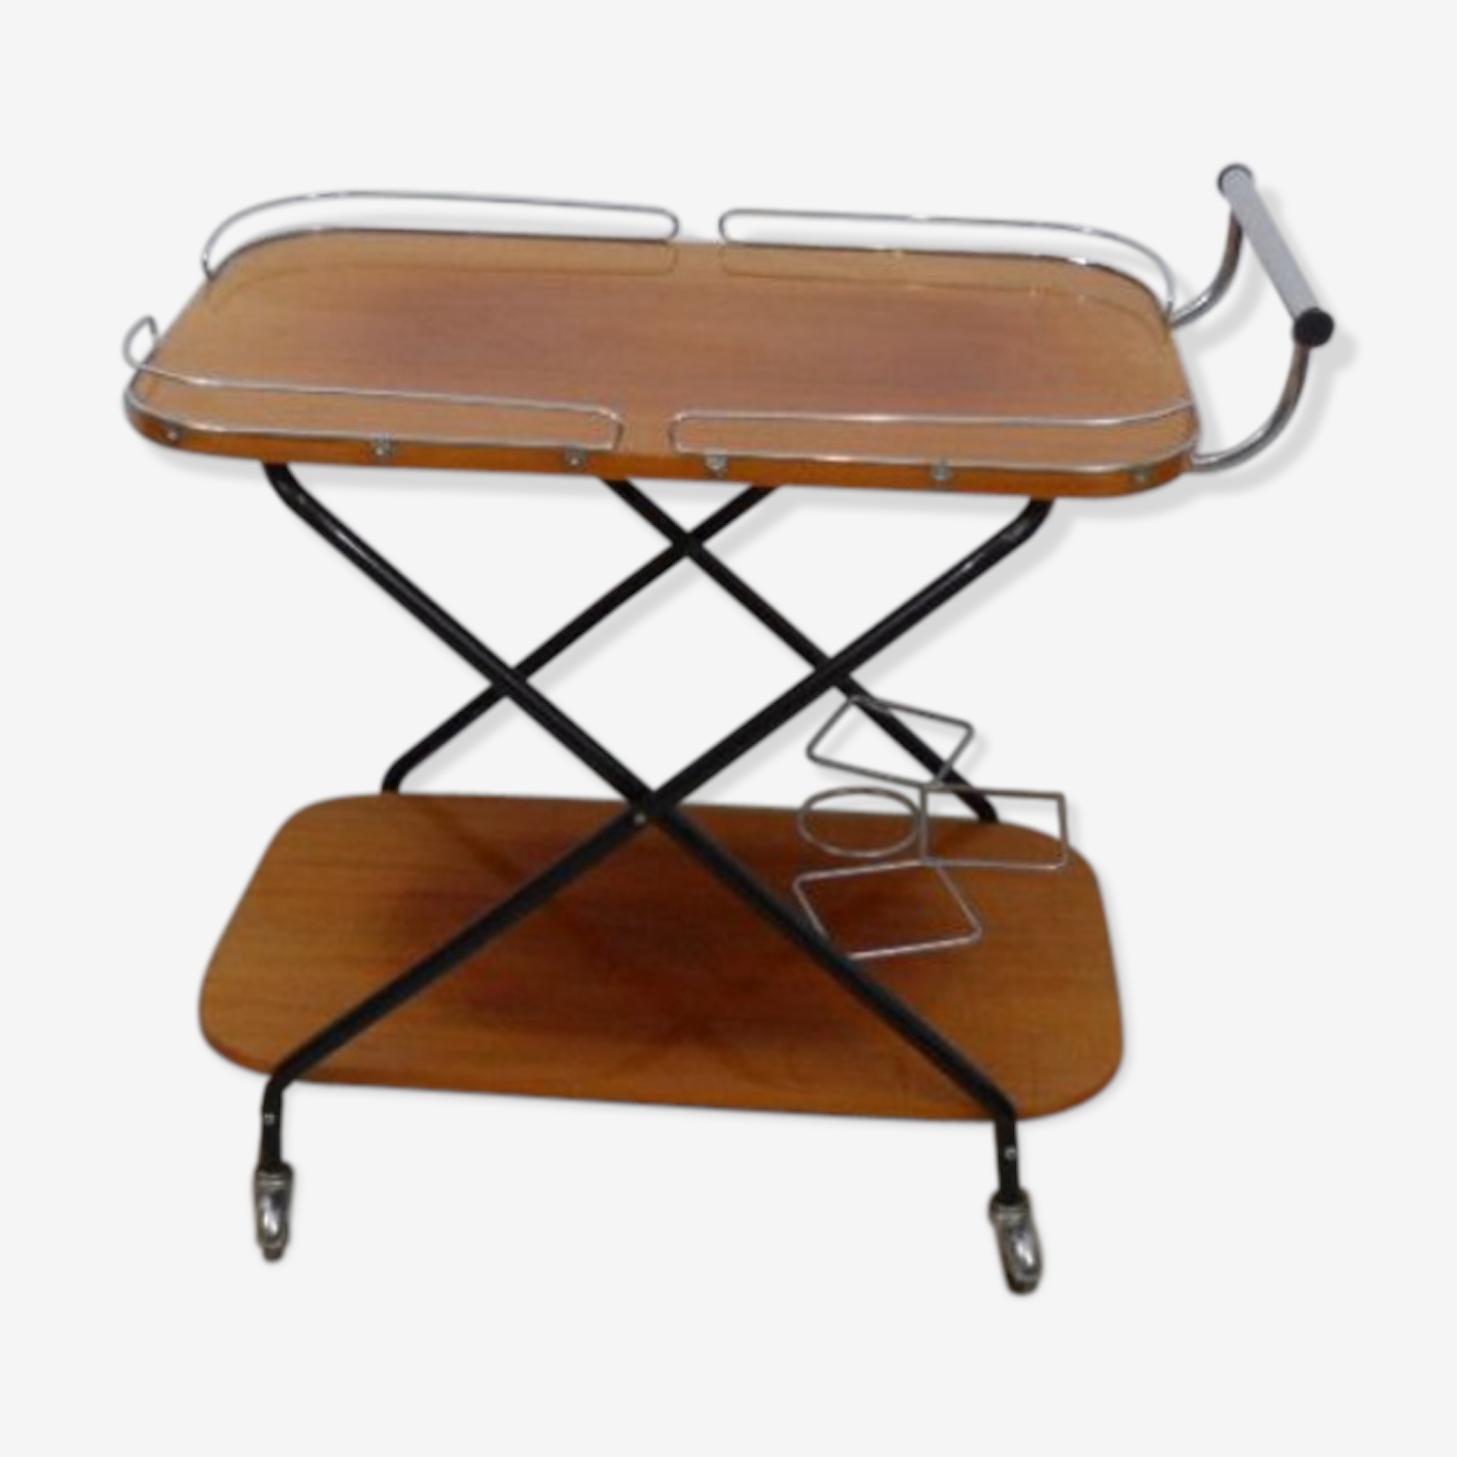 Desserte bar à roulettes années 50-60